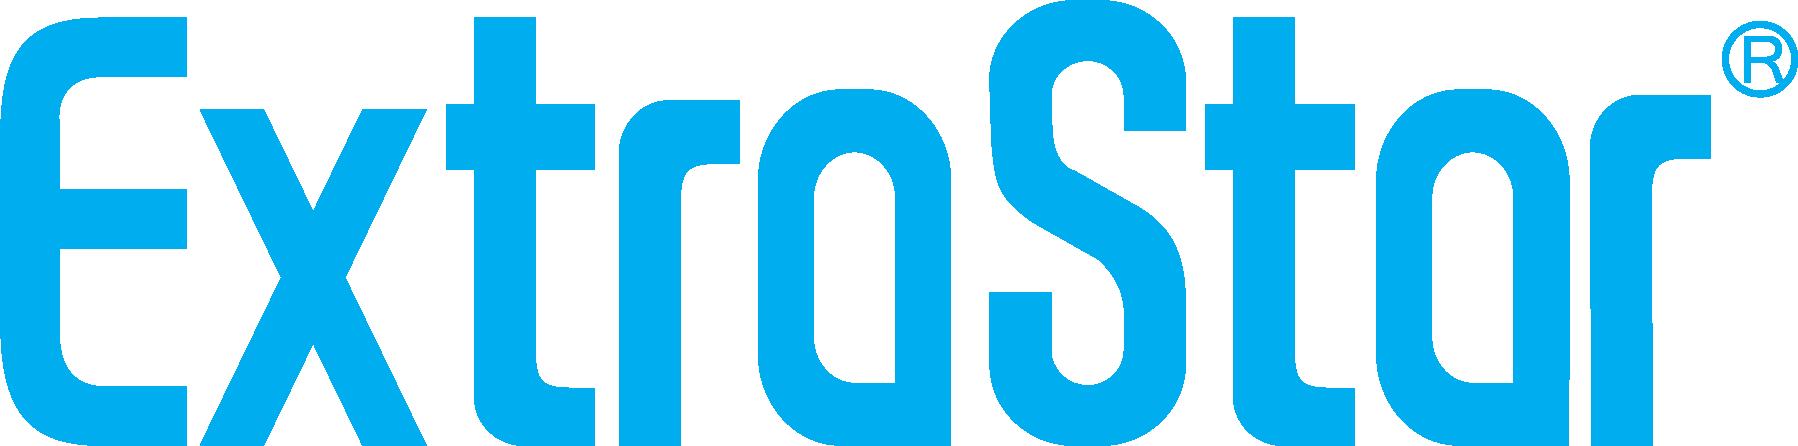 Extrastar Italia – Online Shop